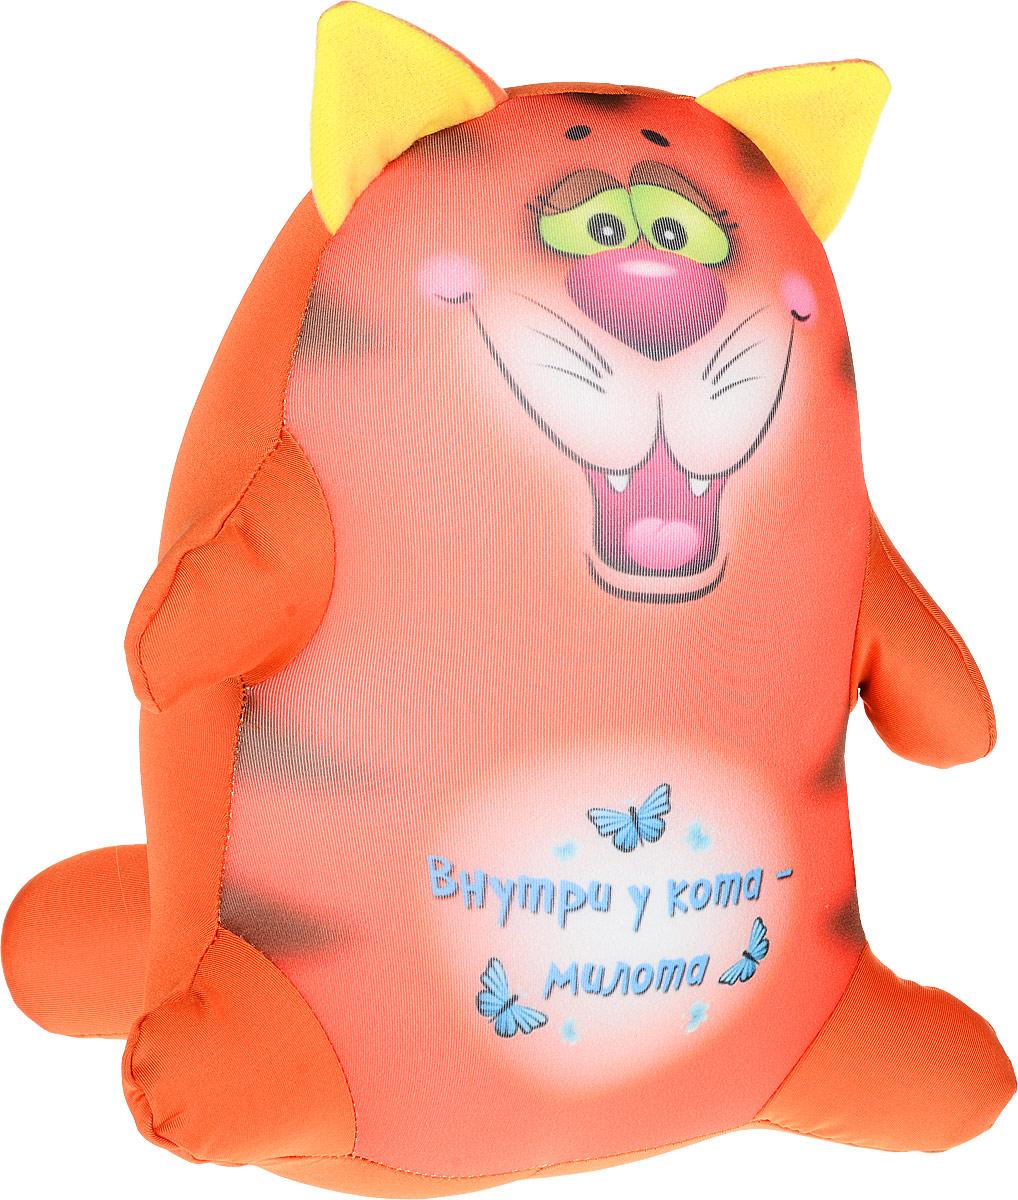 Штучки, к которым тянутся ручки Подушка-игрушка антистрессовая Котики Обормотики цвет оранжевый